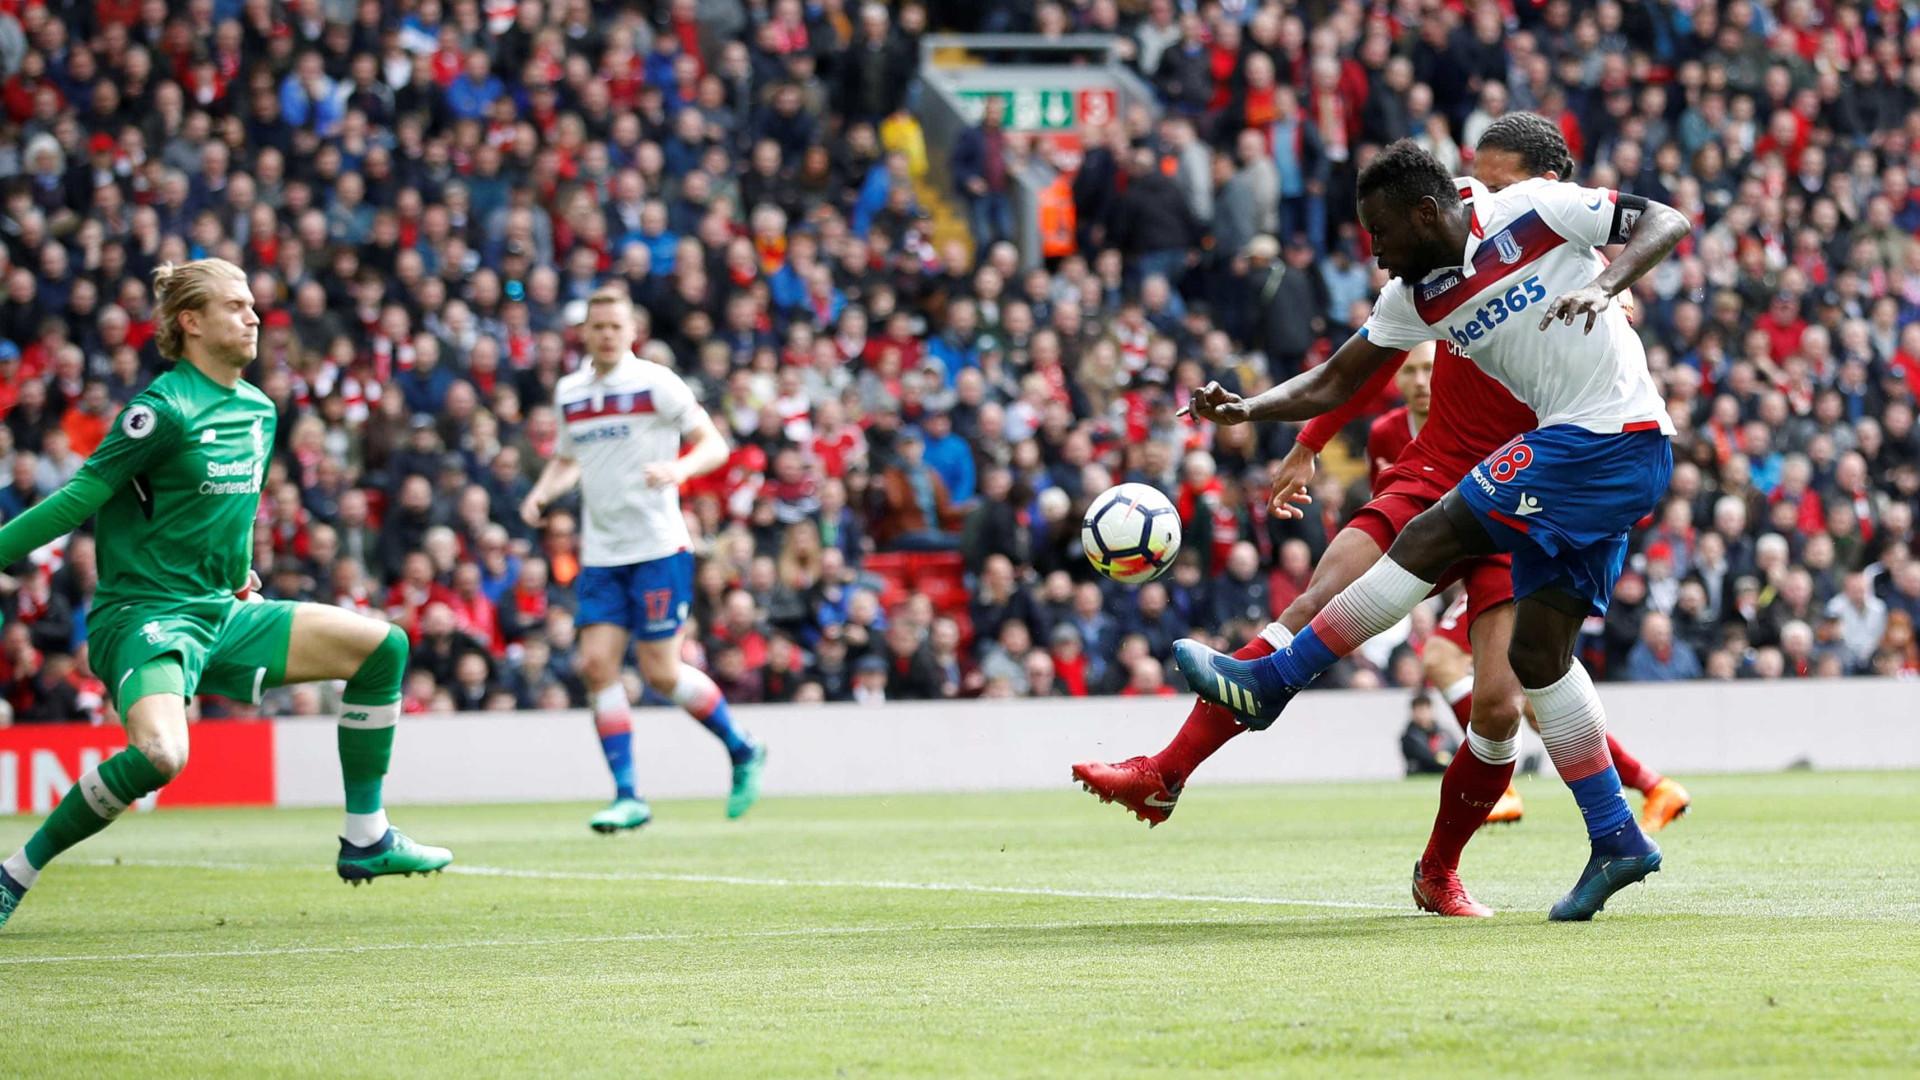 Com Firmino e Salah, Liverpool só empata com Stoke, ameaçado de queda